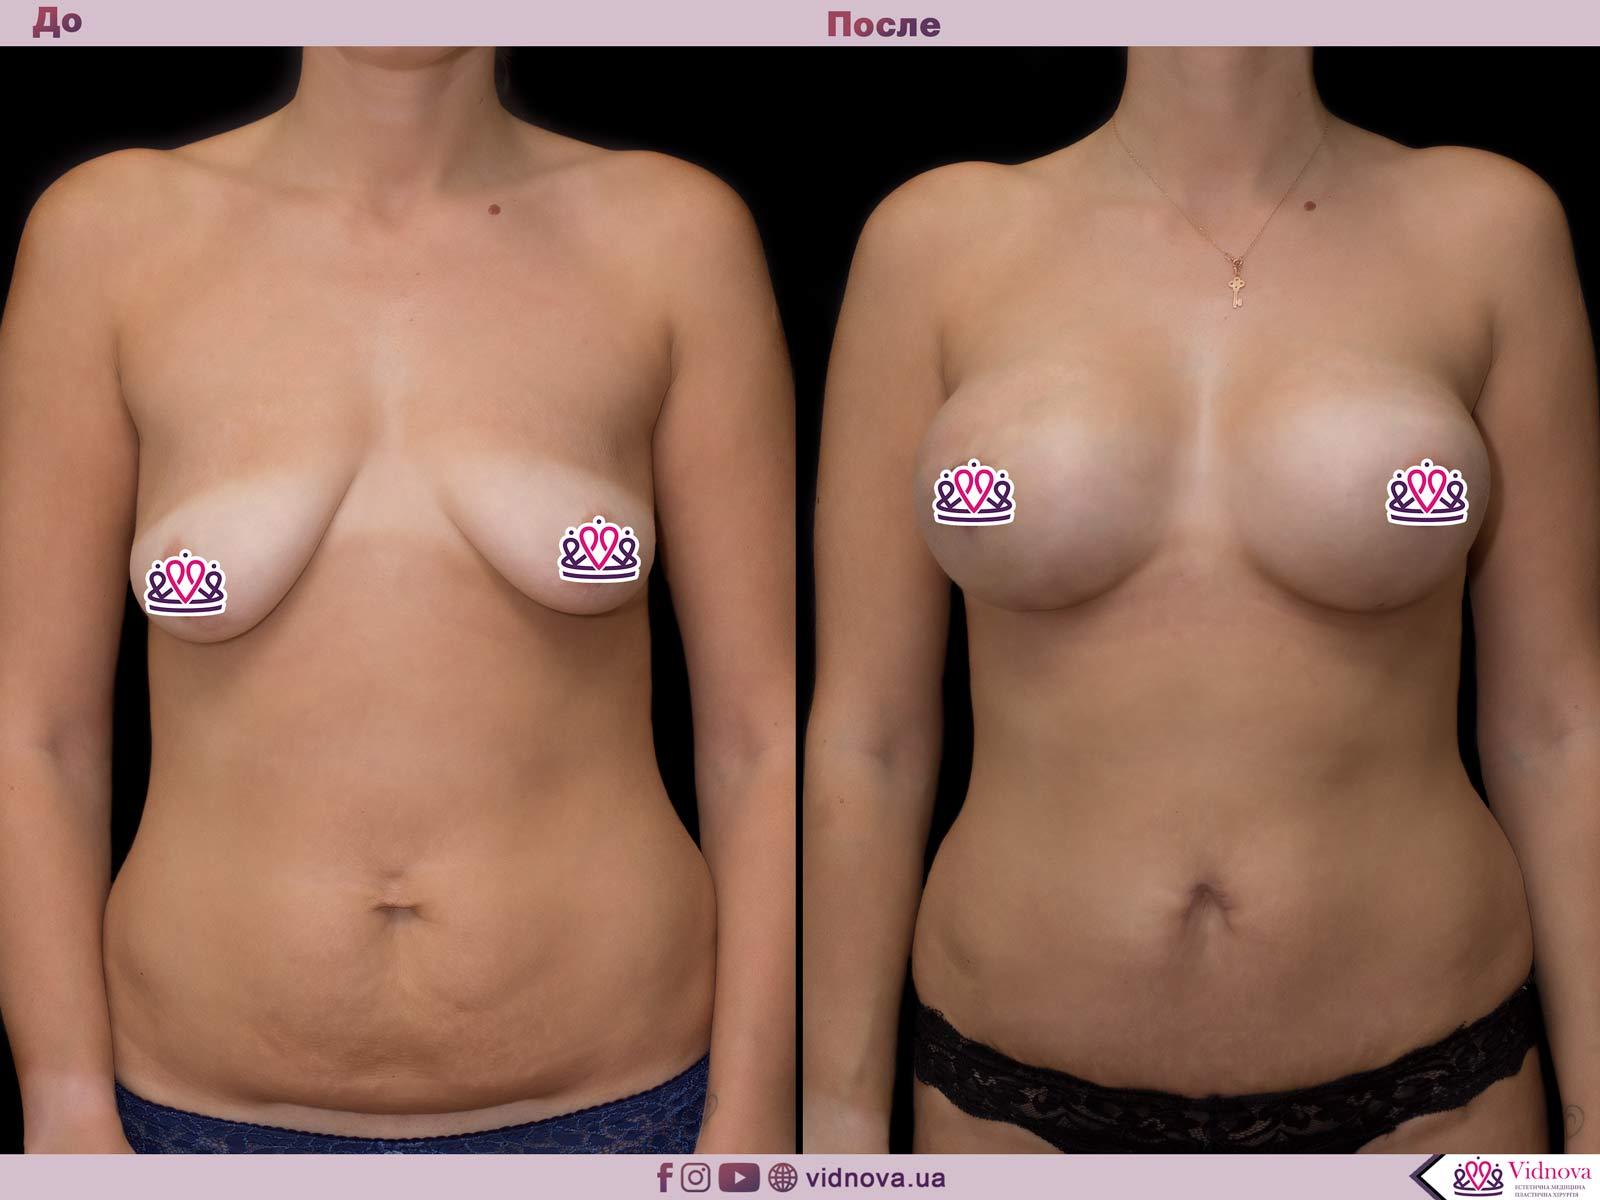 Совмещенные операции: Фото До и После - Пример №5-2 - Клиника Vidnova